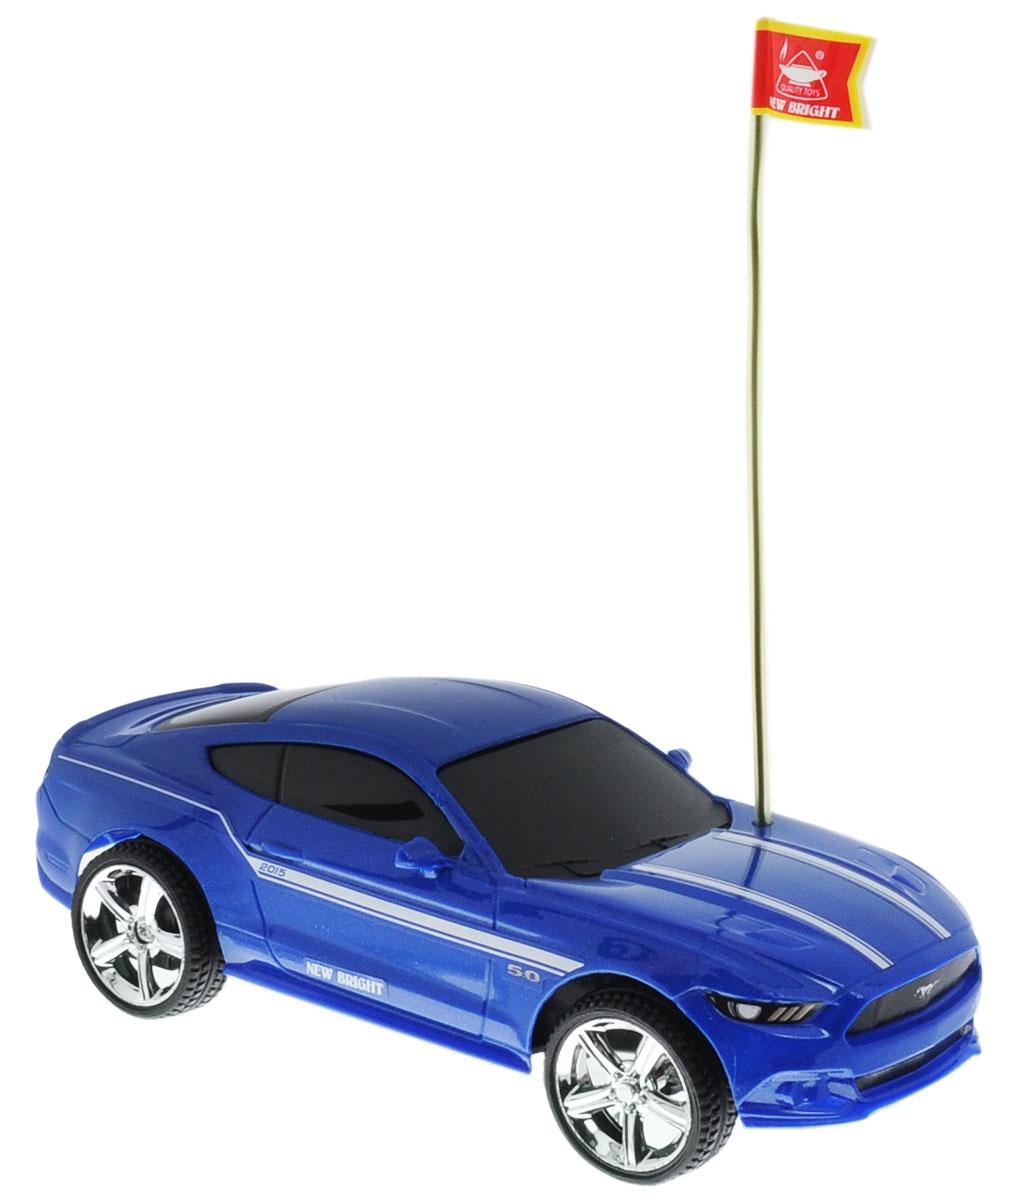 """Культовый американский автомобиль Ford Mustang GT привлечет внимание как ребенка, так и взрослого и понравится любому, кто увлекается автомобилями. Маневренная и реалистичная уменьшенная копия New Bright """"Ford Mustang GT 2015"""" выполнена в точной детализации с настоящим автомобилем в масштабе 1:24. Управление машинкой происходит с помощью пульта. Машинка двигается вперед и назад, поворачивает направо и налево. Колеса игрушки прорезинены и обеспечивают плавный ход, машинка не портит напольное покрытие. Радиоуправляемые игрушки способствуют развитию координации движений, моторики и ловкости. Ваш ребенок часами будет играть с моделью, придумывая различные истории и устраивая соревнования. Порадуйте его таким замечательным подарком! Для работы игрушки необходимы 3 батарейки типа АА (не входят в комплект). Для работы пульта управления необходимы 2 батарейки типа АА (не входят в комплект)."""